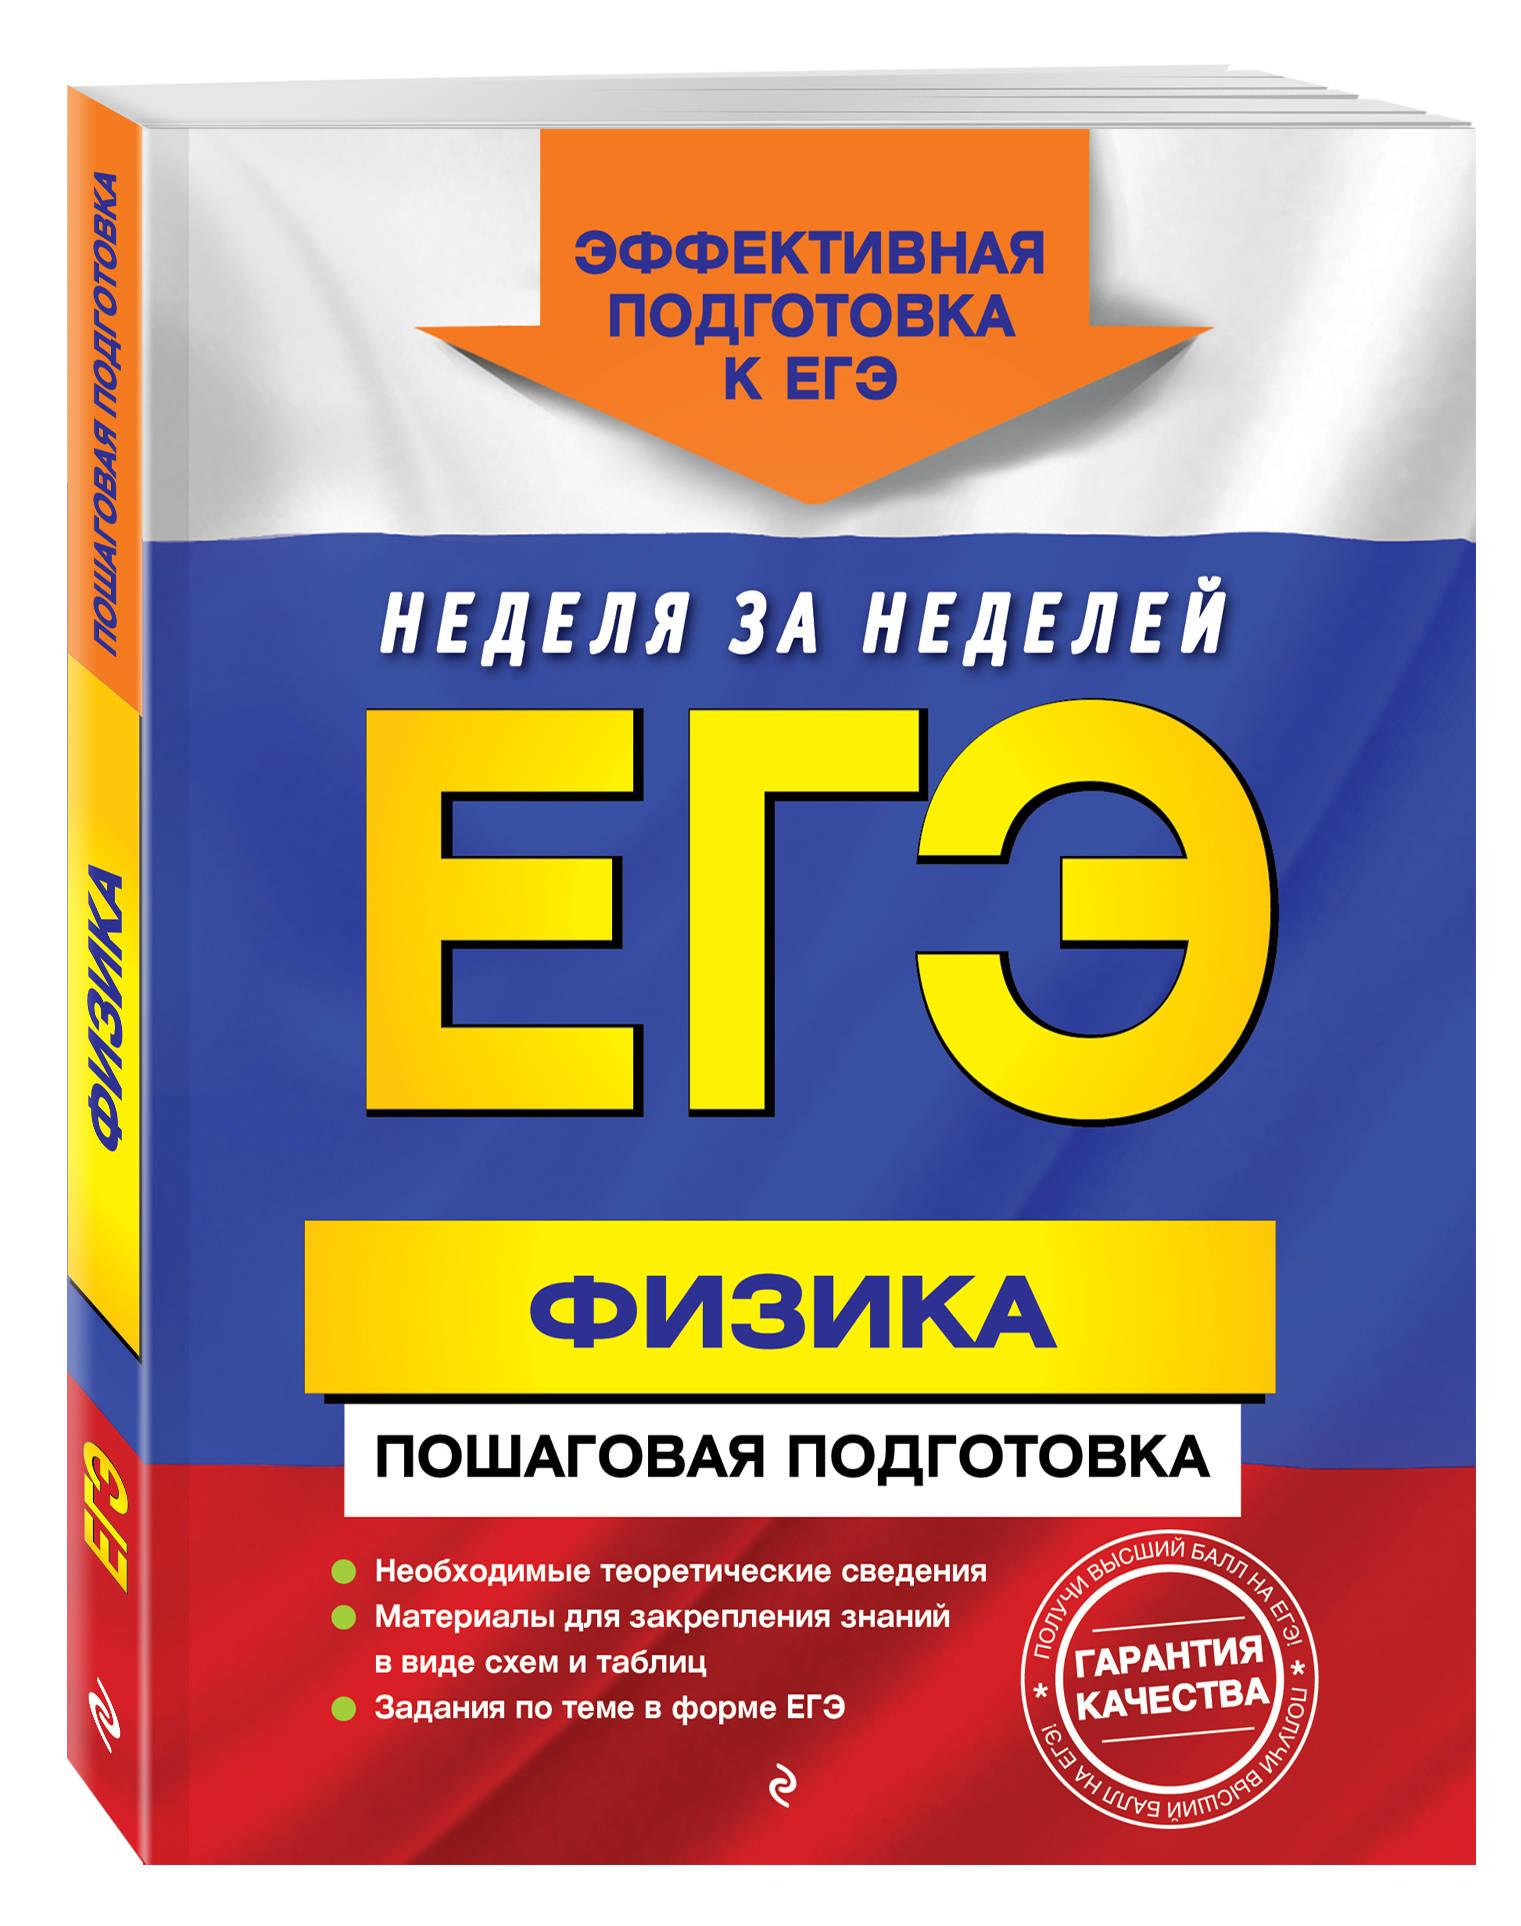 ЕГЭ. Физика. Пошаговая подготовка от book24.ru